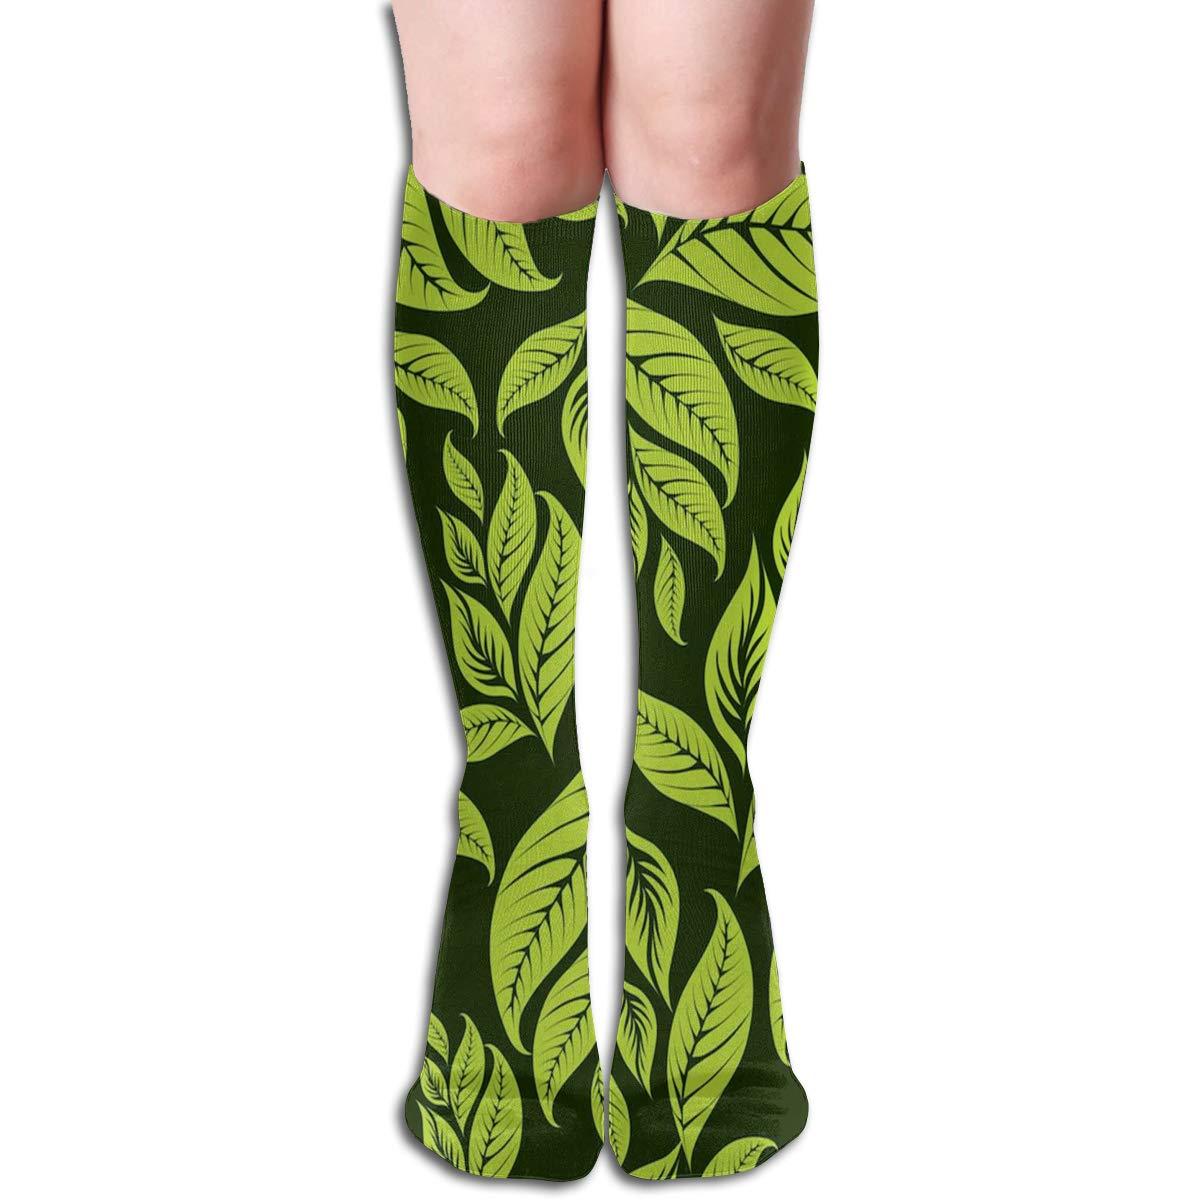 Girls Socks Over Knee Japanese Pine Tree Stripe Winter Fabulous For Holiday